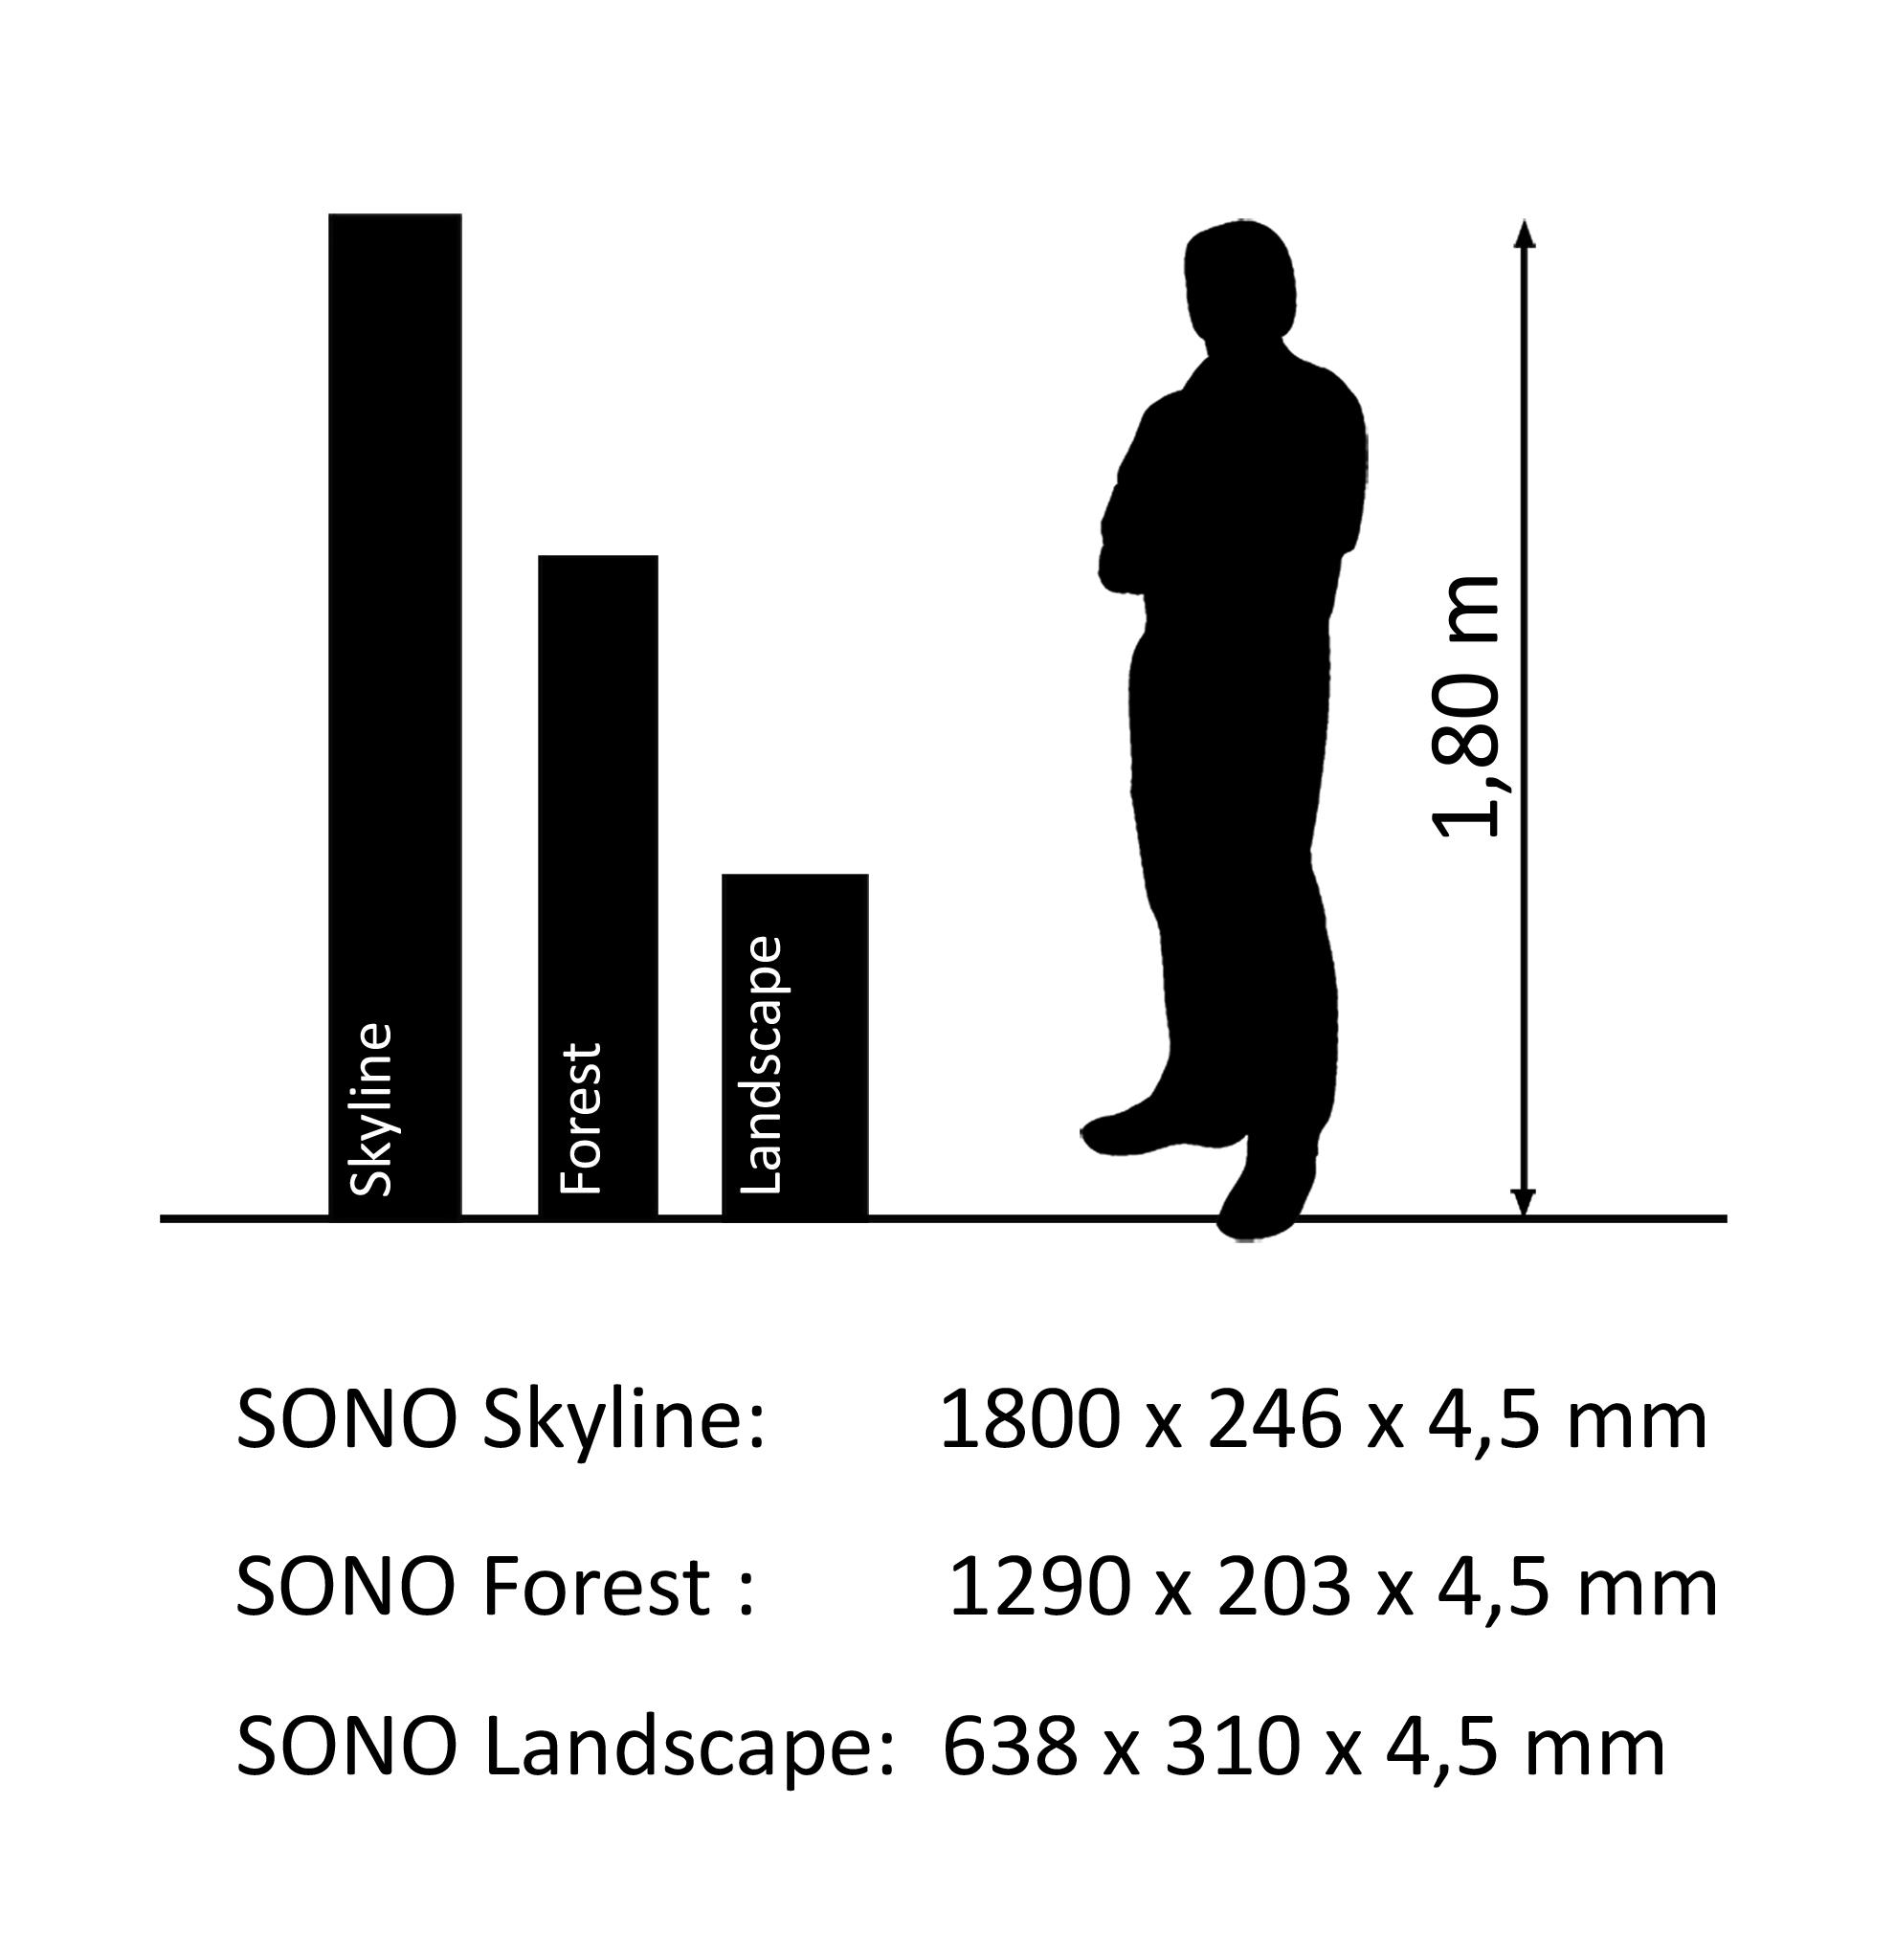 Sono Pro Skyline Sea of Sense